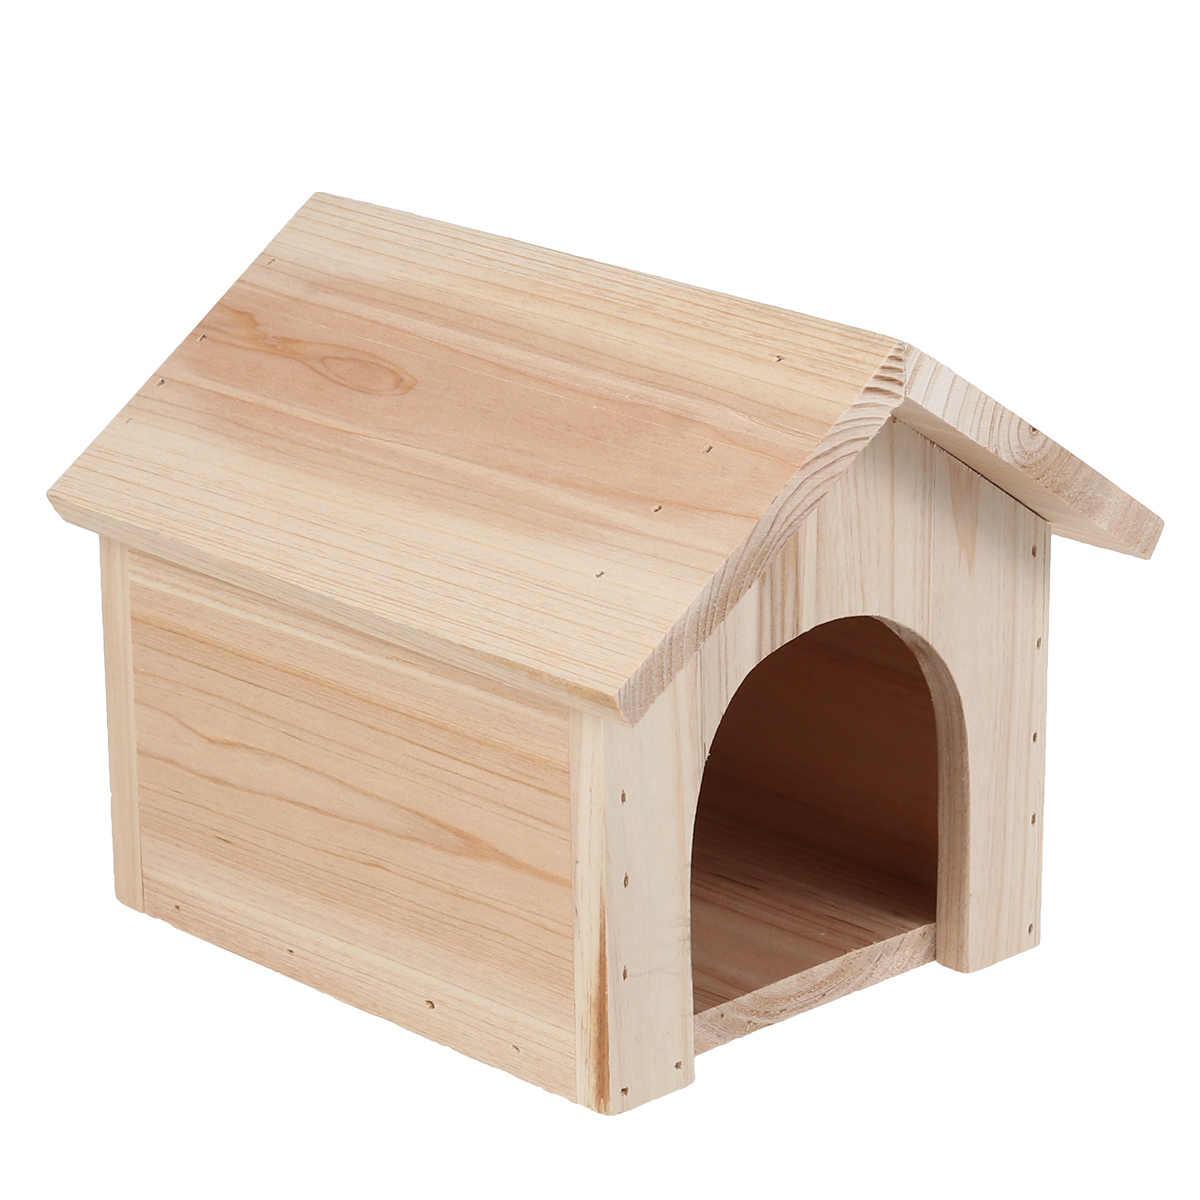 1Pc di Casa In Legno resistente Al Calore di Pino Domestico Cincillà Squirrel Nido Stazione di Alimentazione Forniture Per Animali Da Compagnia Seduta Accantonare